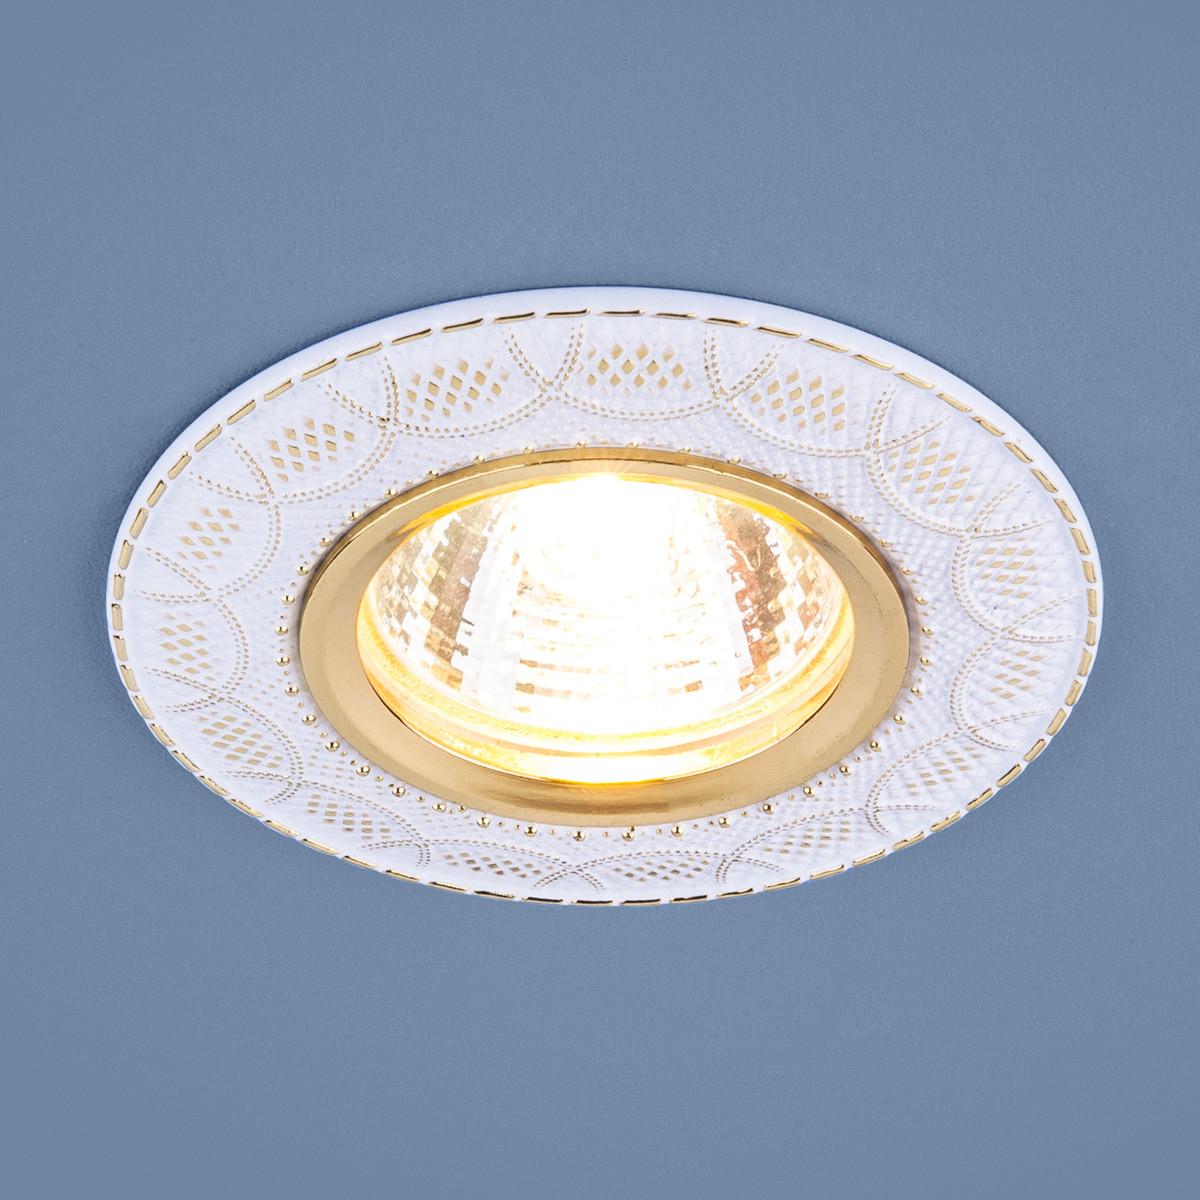 7010 MR16 / Светильник встраиваемый WH/GD белый/золото